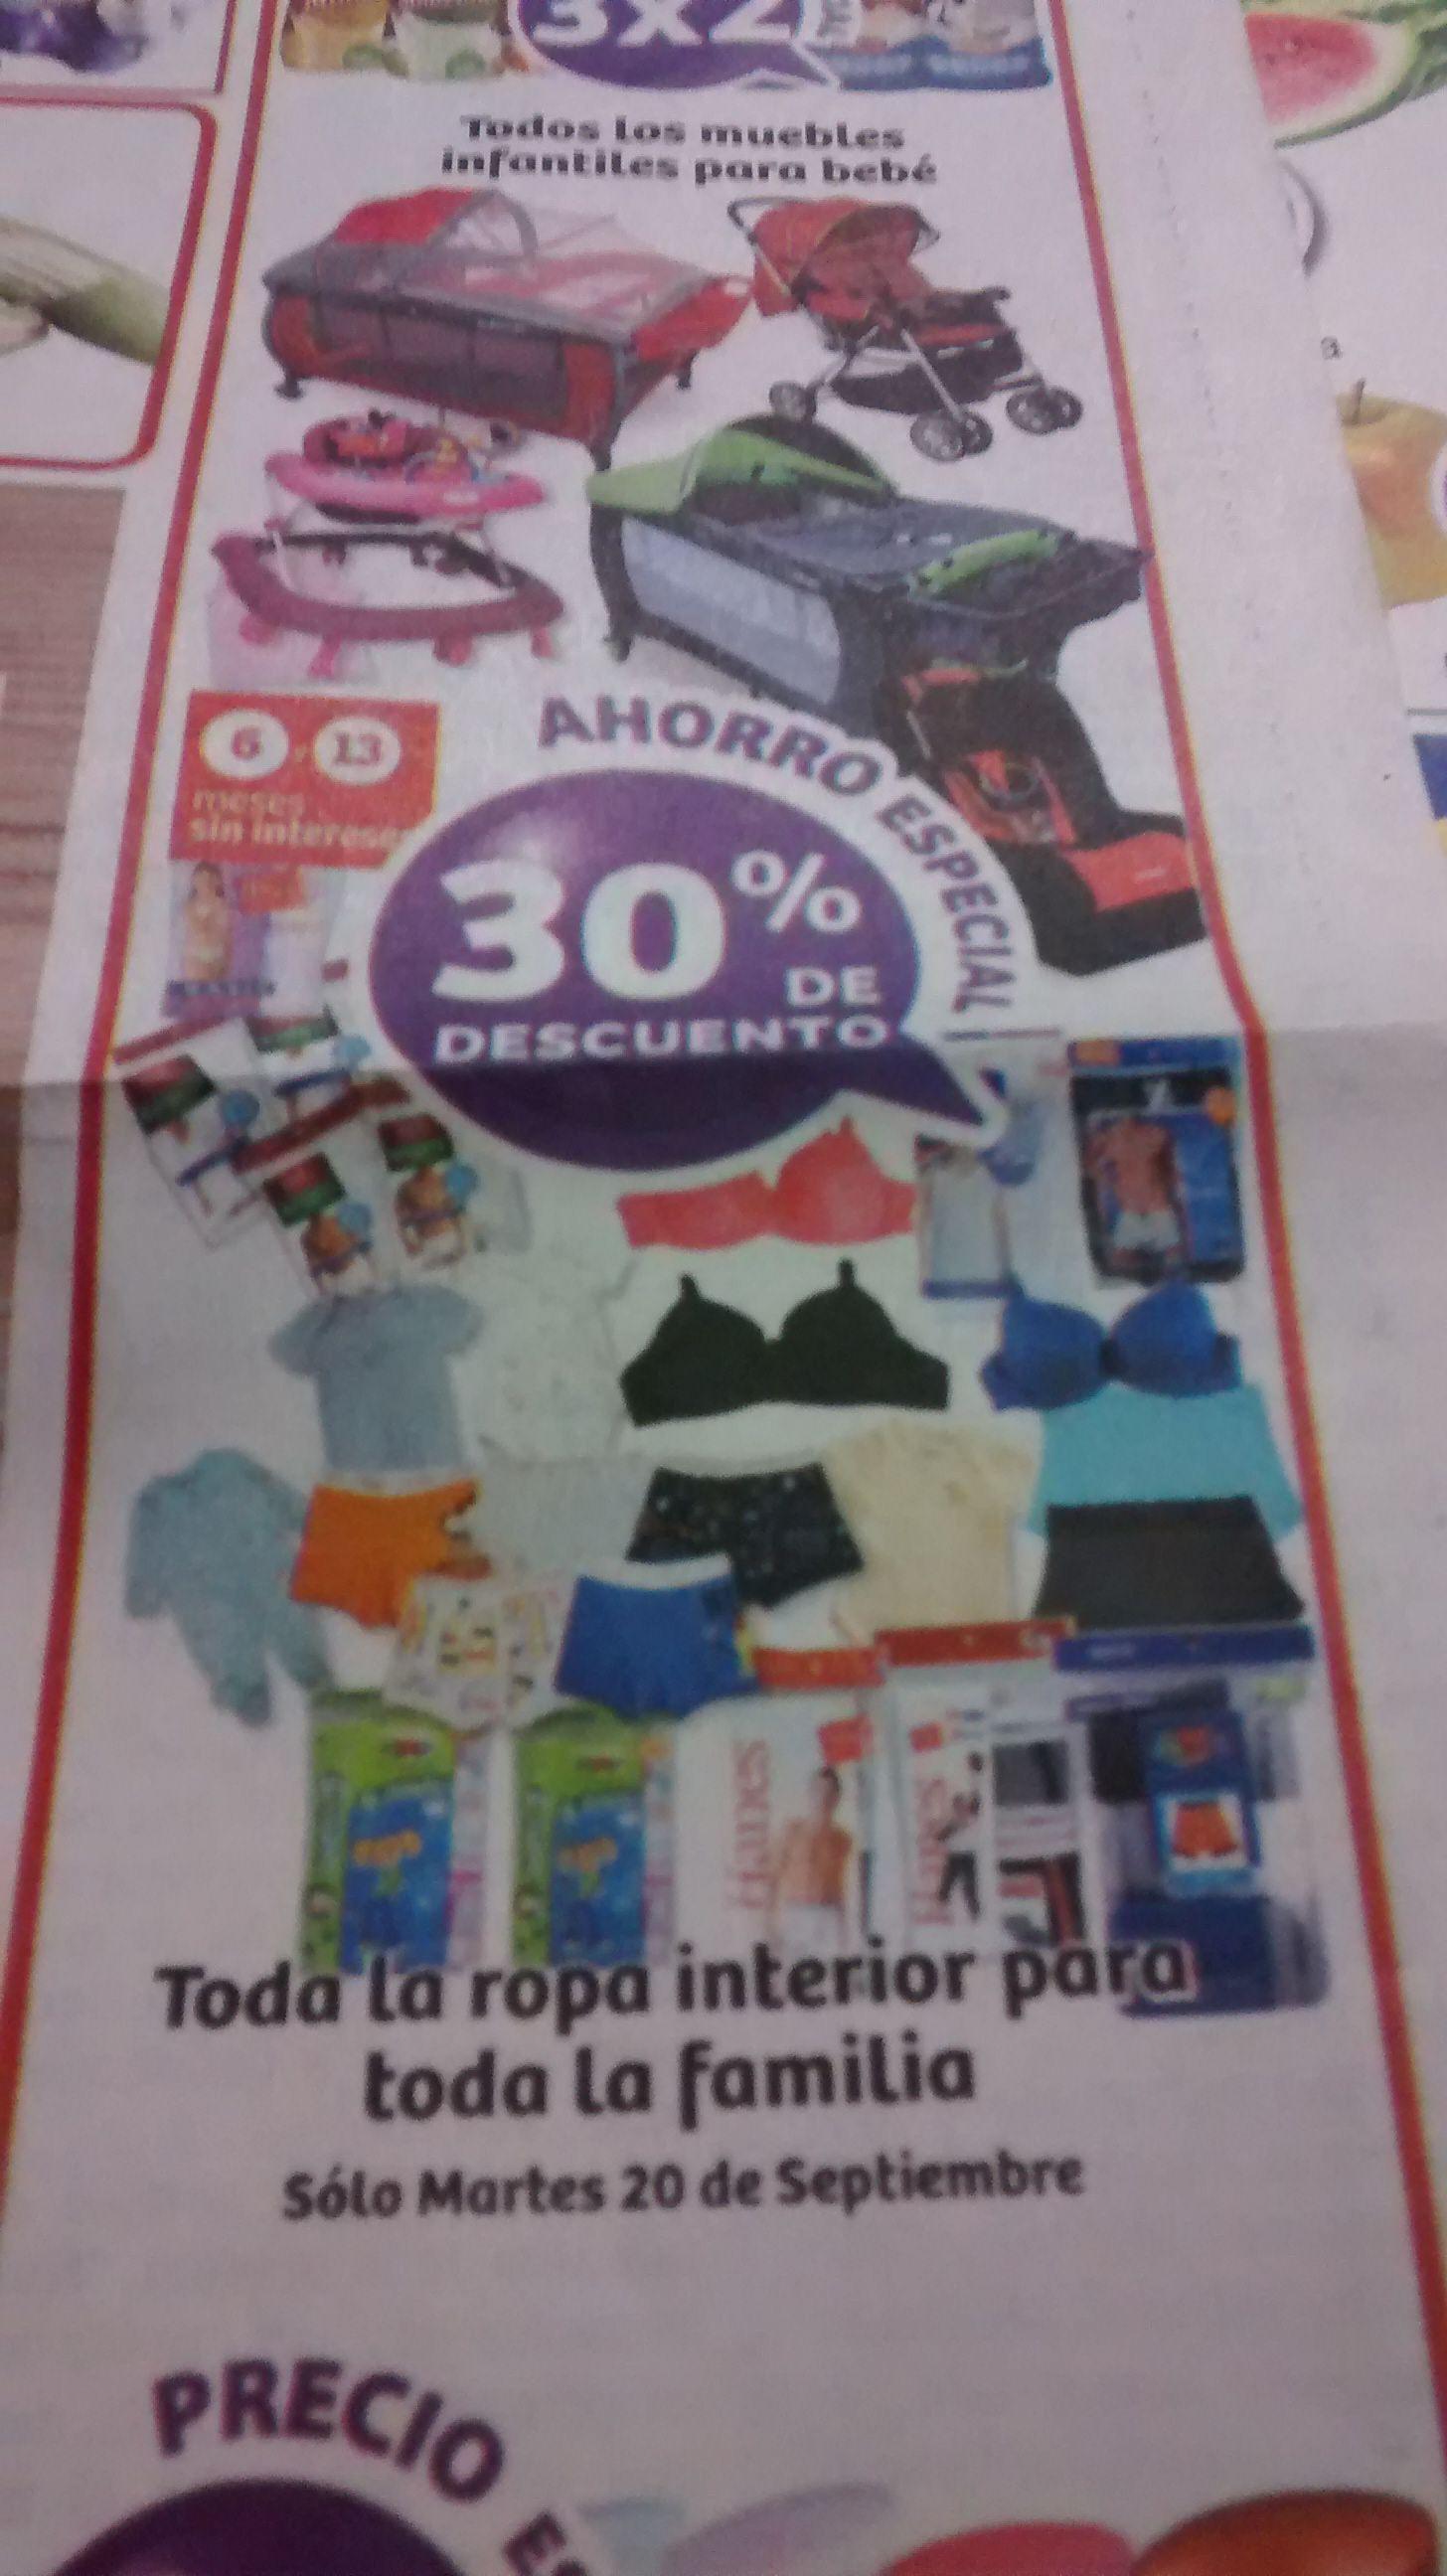 Soriana: 30% en toda la ropa interior para la familia